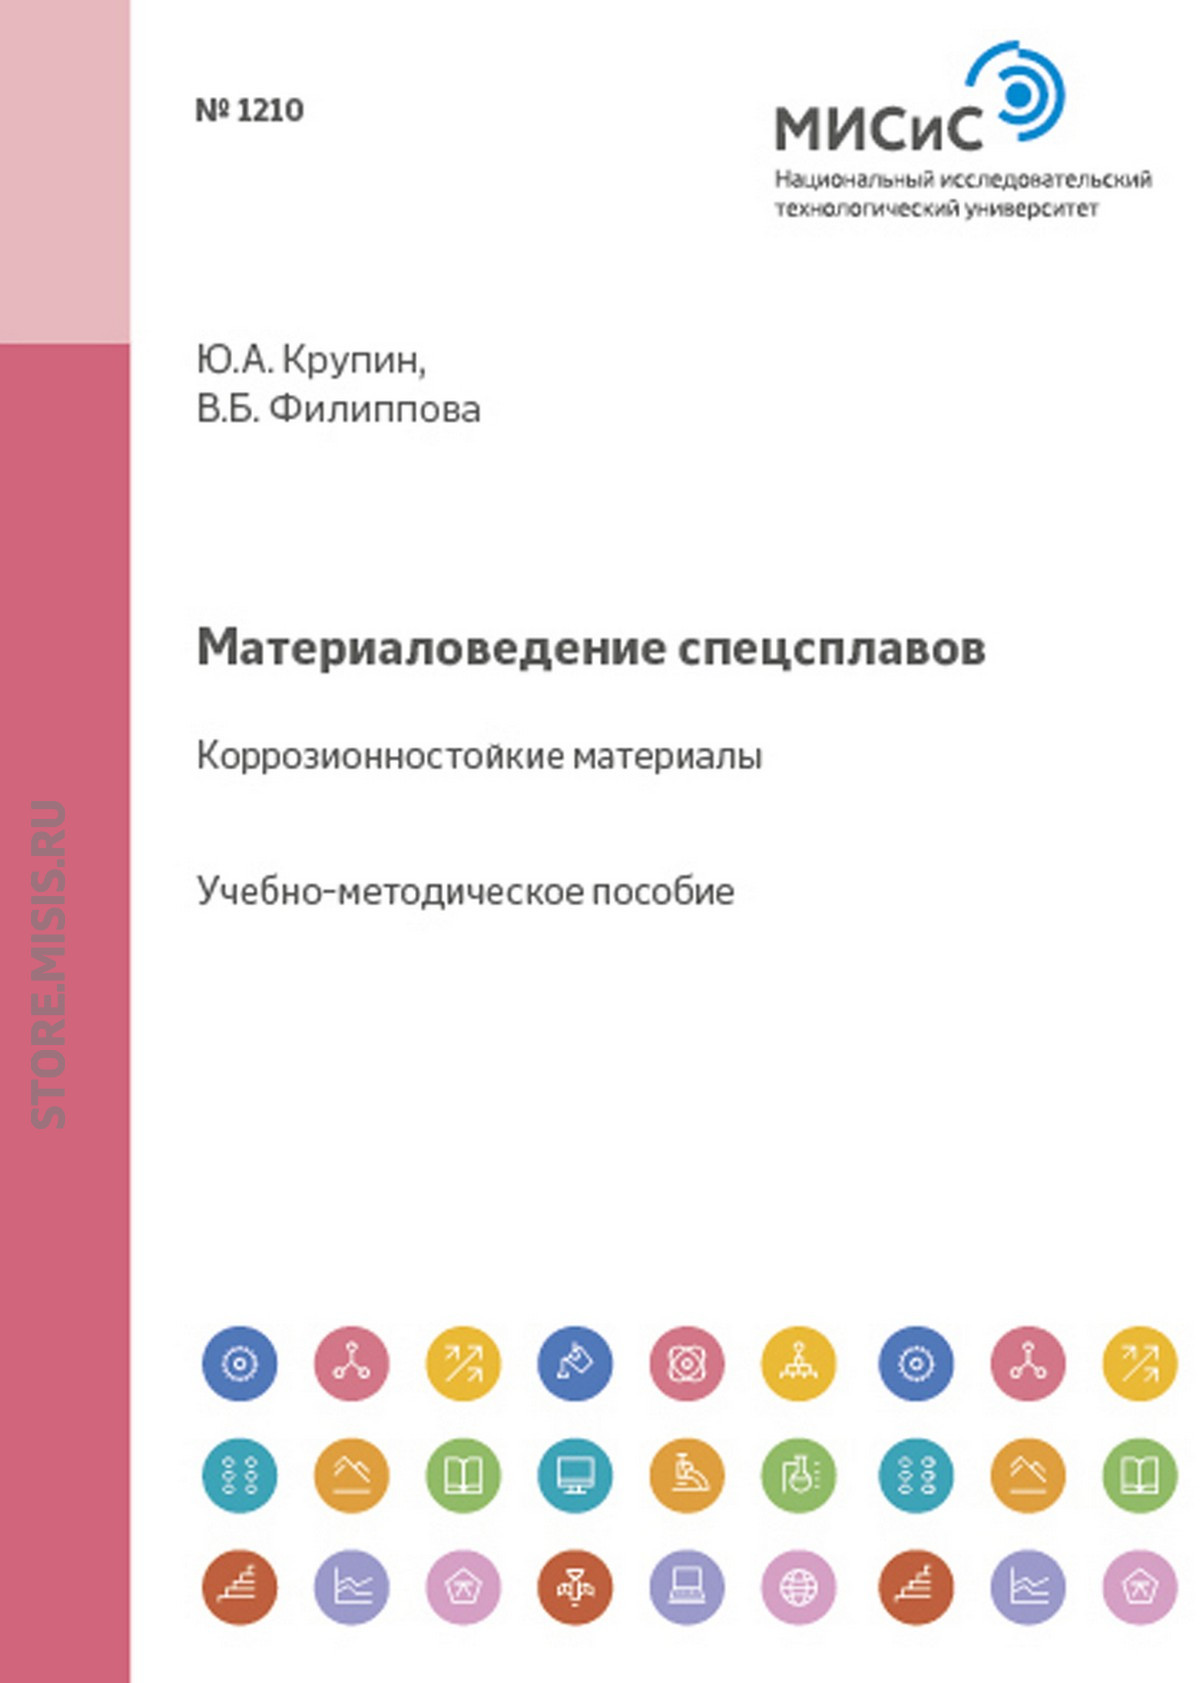 Юрий Крупин Материаловедение спецсплавов. Коррозионностойкие материалы